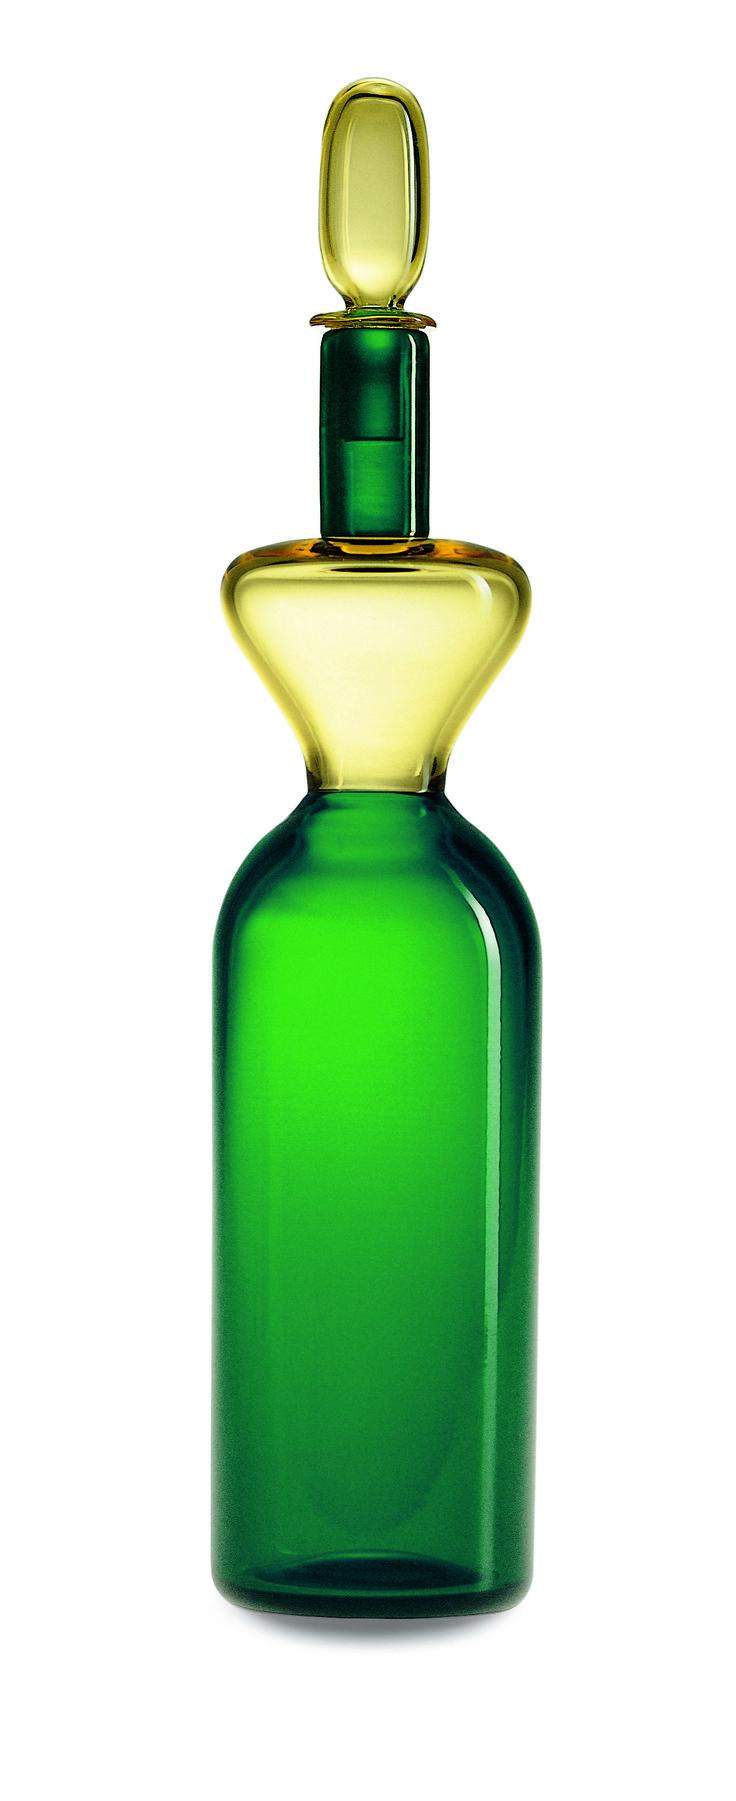 Bottiglia 526.19, Gio Ponti, Venini, 1956, courtesy Venini _ Ossessione II_I Grandi Borghesi e la Sacralità del Lusso